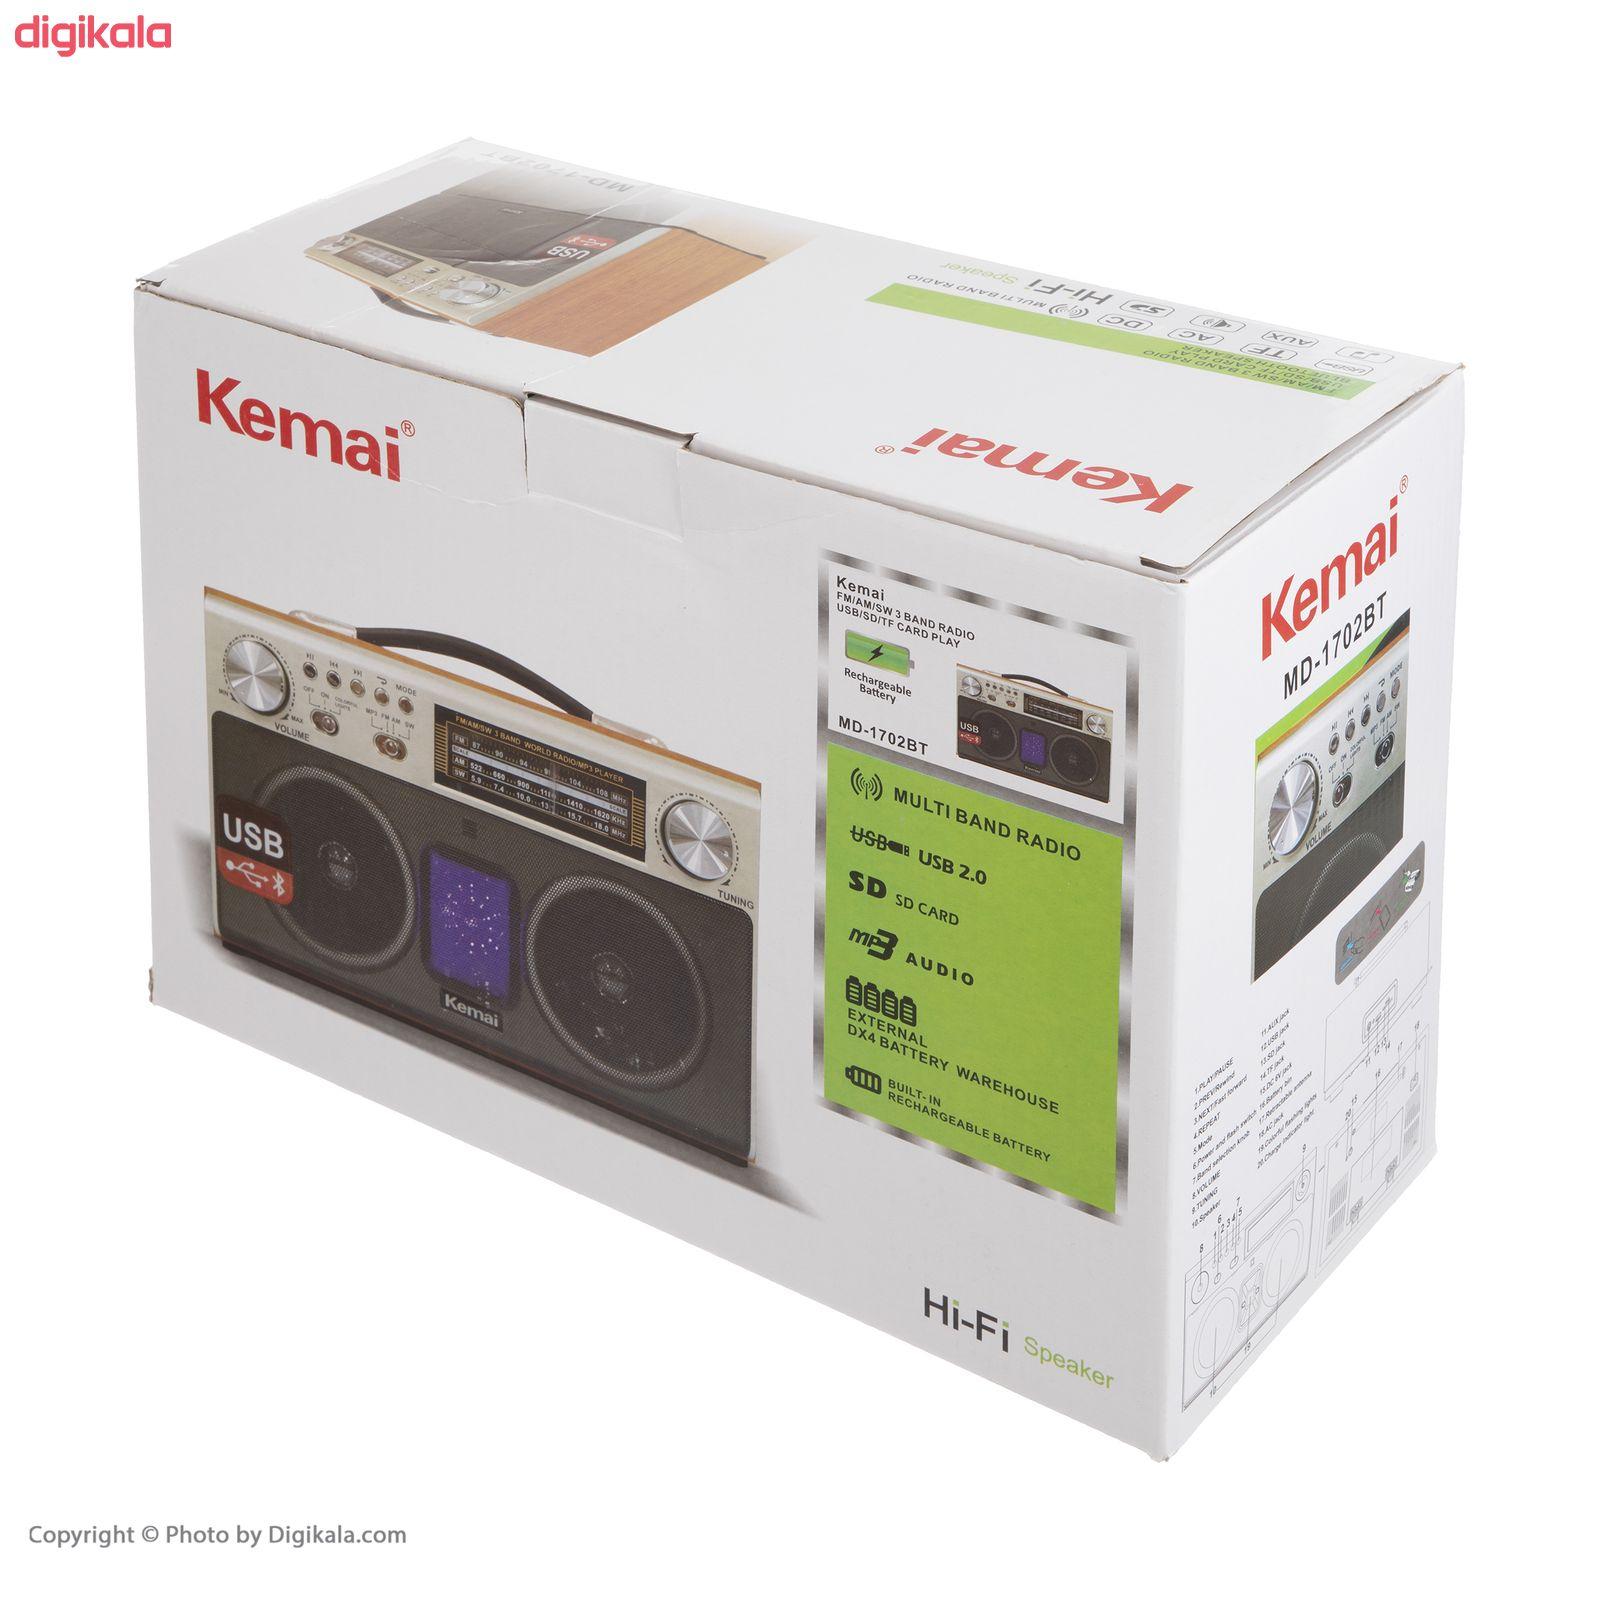 رادیو اسپیکر کمای مدل MD-1702BT main 1 6